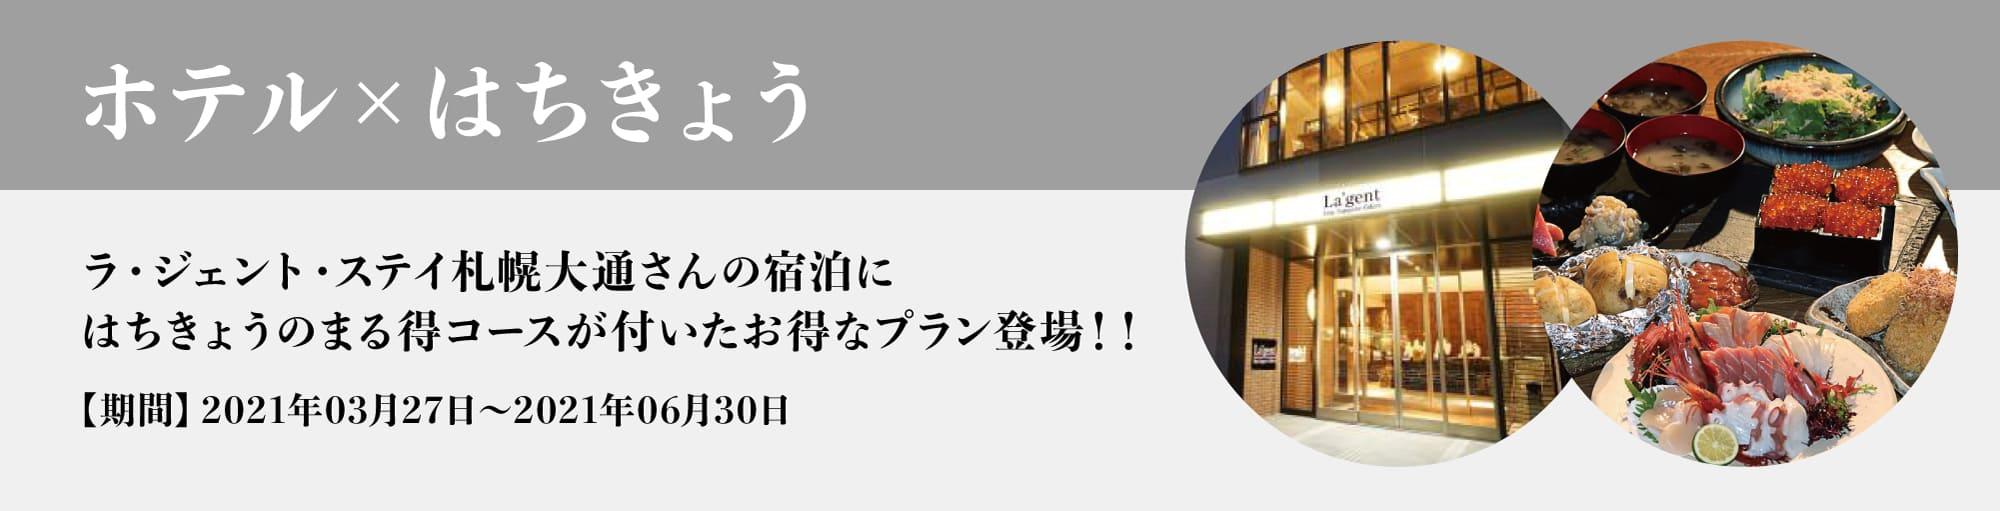 ラ・ジェント・ステイ札幌大通さんの宿泊にはちきょうのまる得コースが付いたお得なプラン登場!!